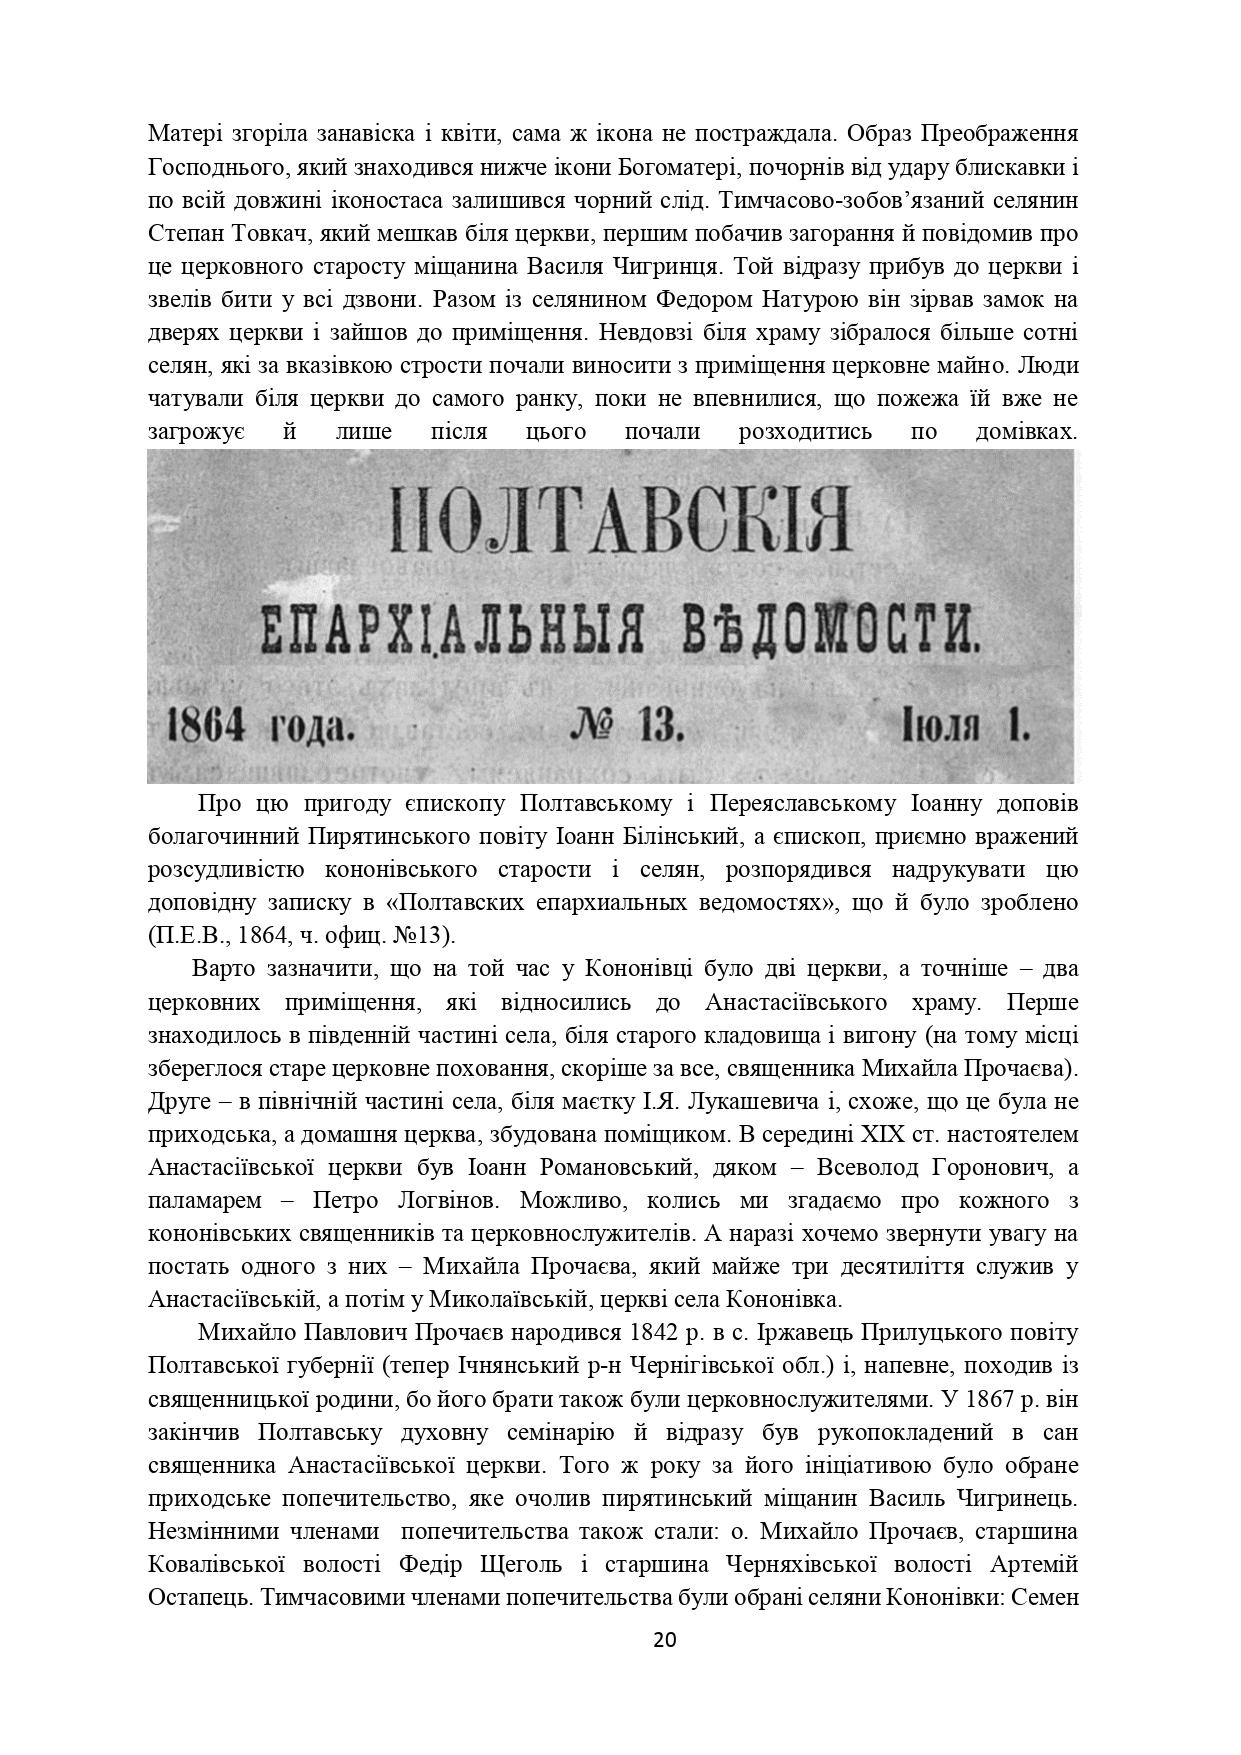 ІСТОРІЯ СЕЛА КОНОНІВКА 2021 (1)_page-0020